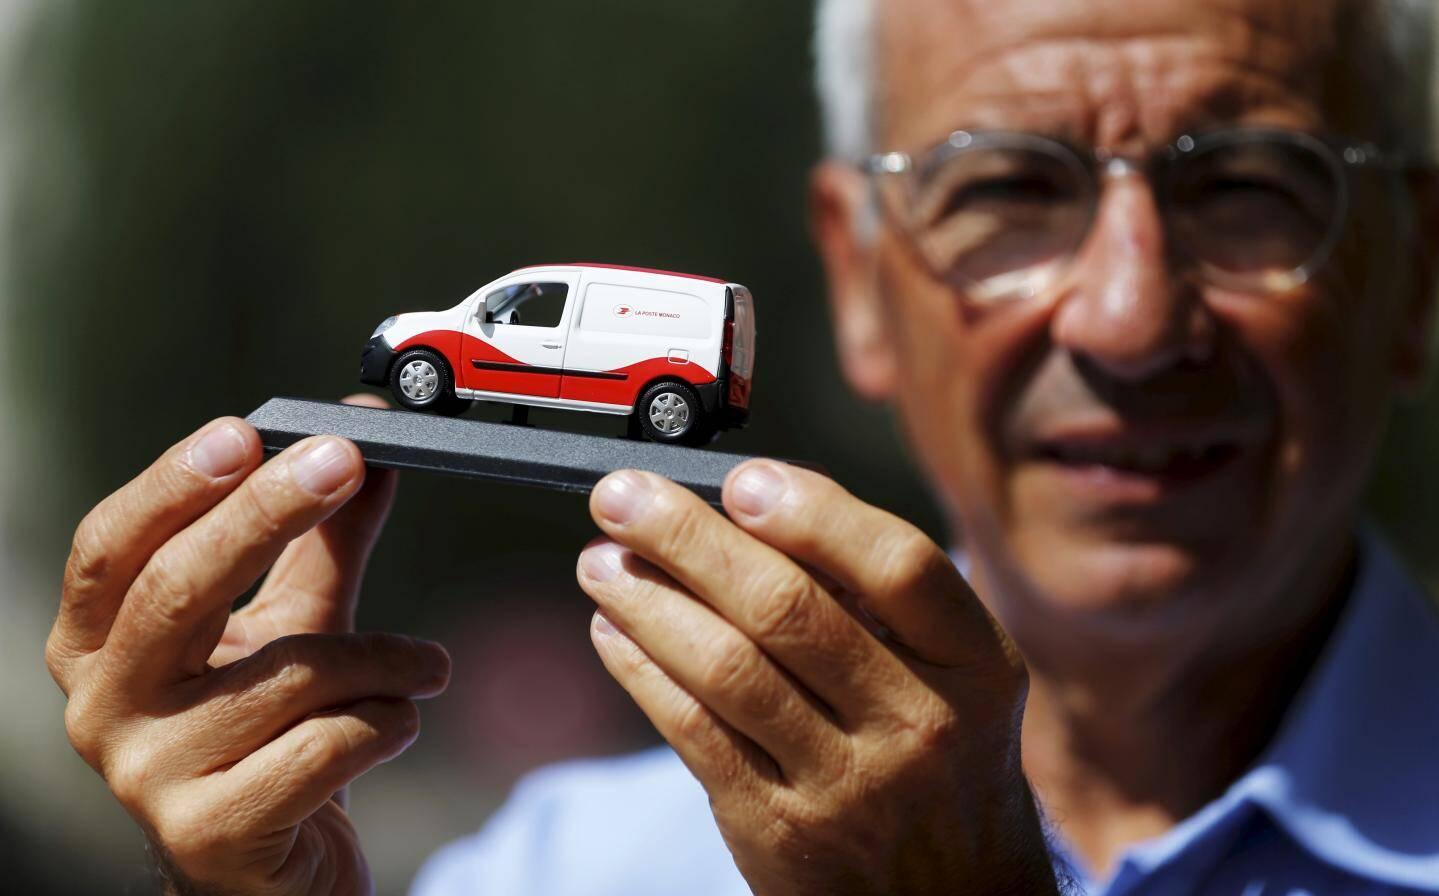 Jean-Luc Delcroix et la miniature du Kangoo ZE.